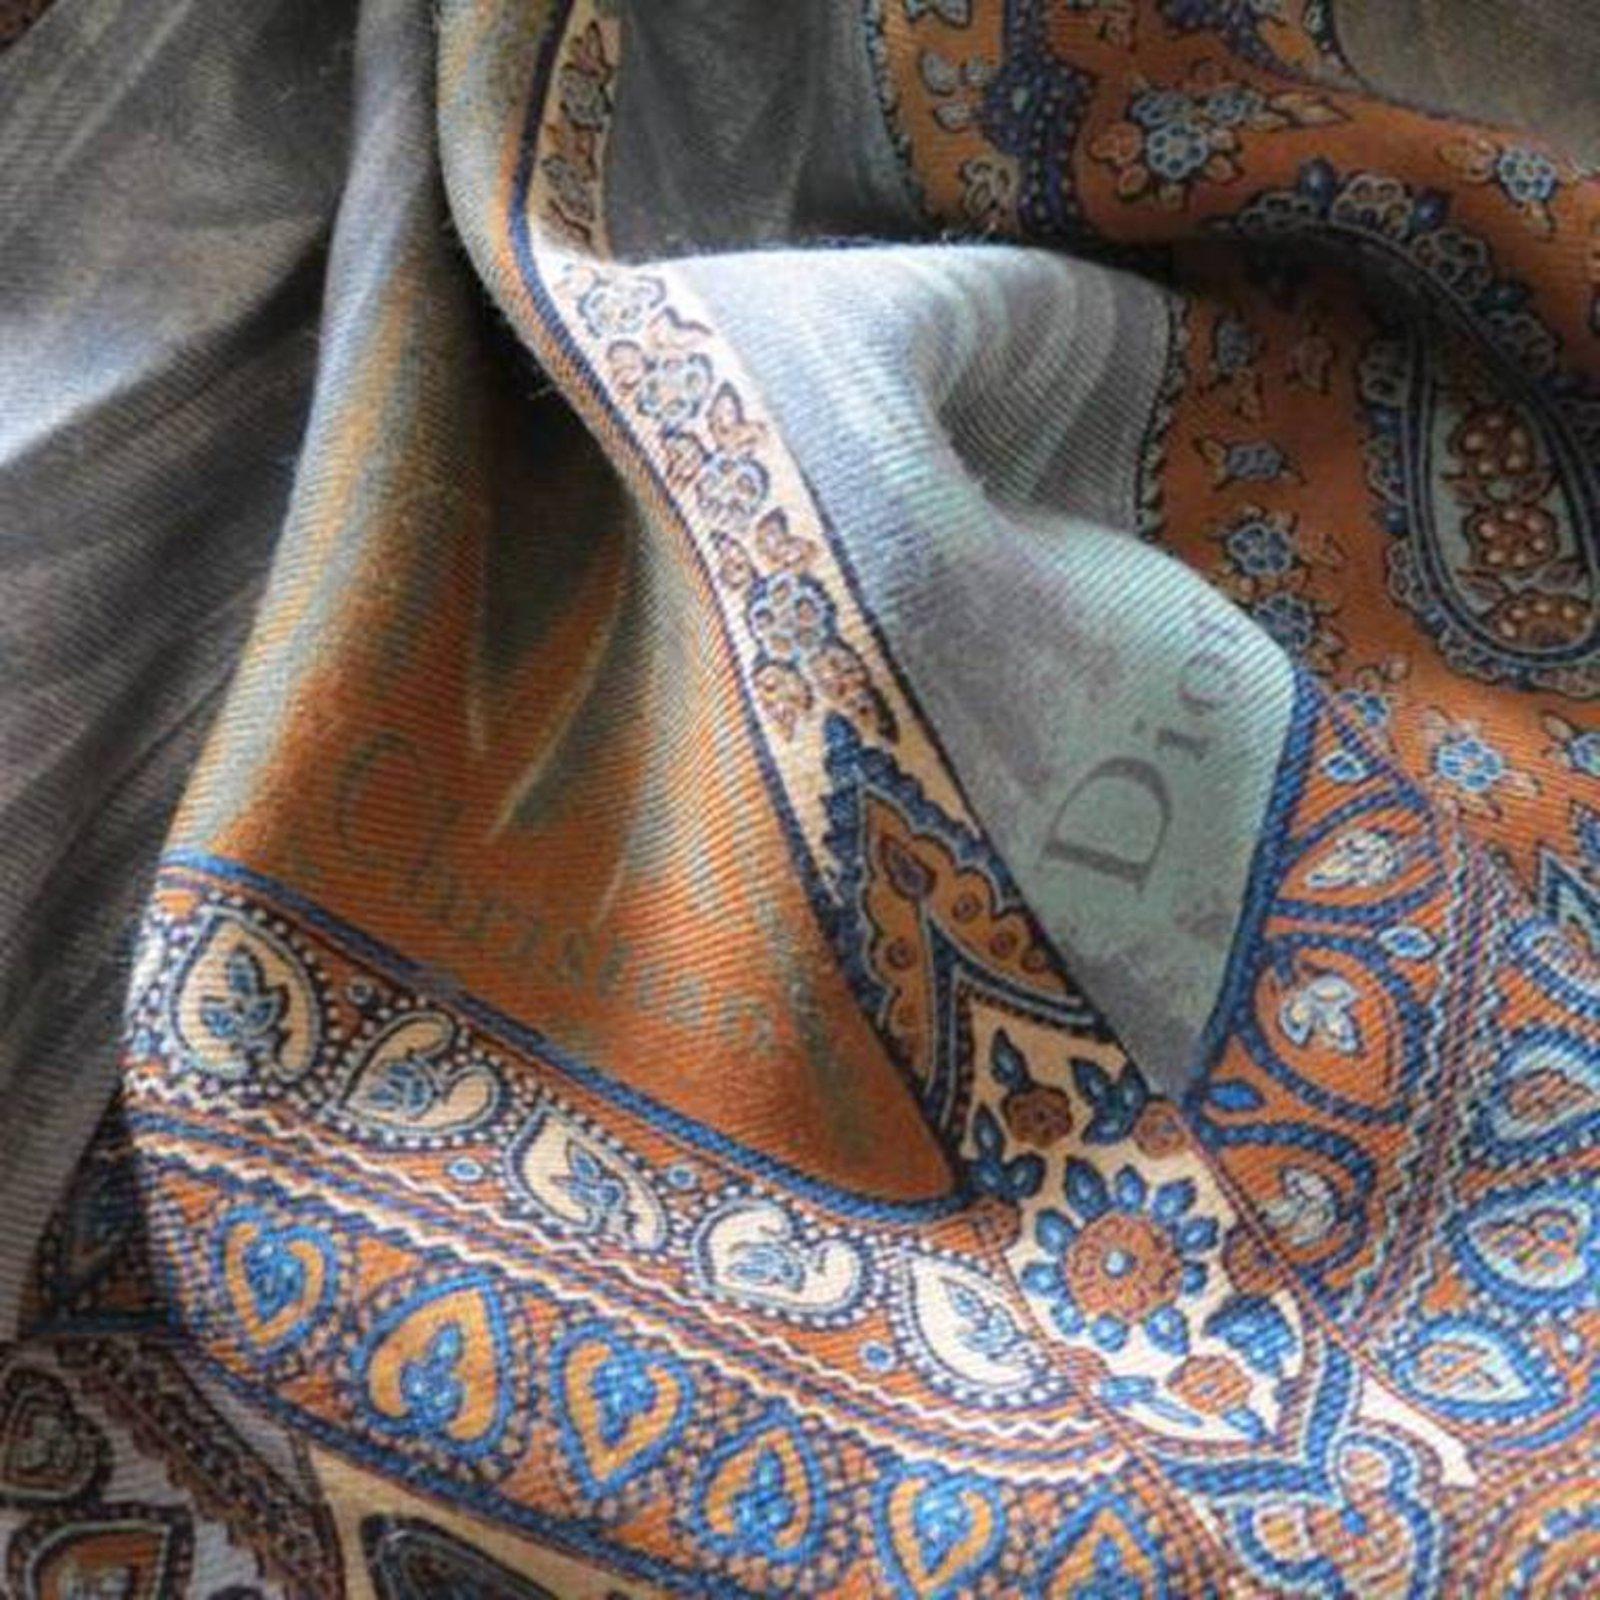 Foulards Christian Dior -Grande étole en laine, vintage Laine Multicolore  ref.53606 - Joli Closet 10ac4dbbc0f